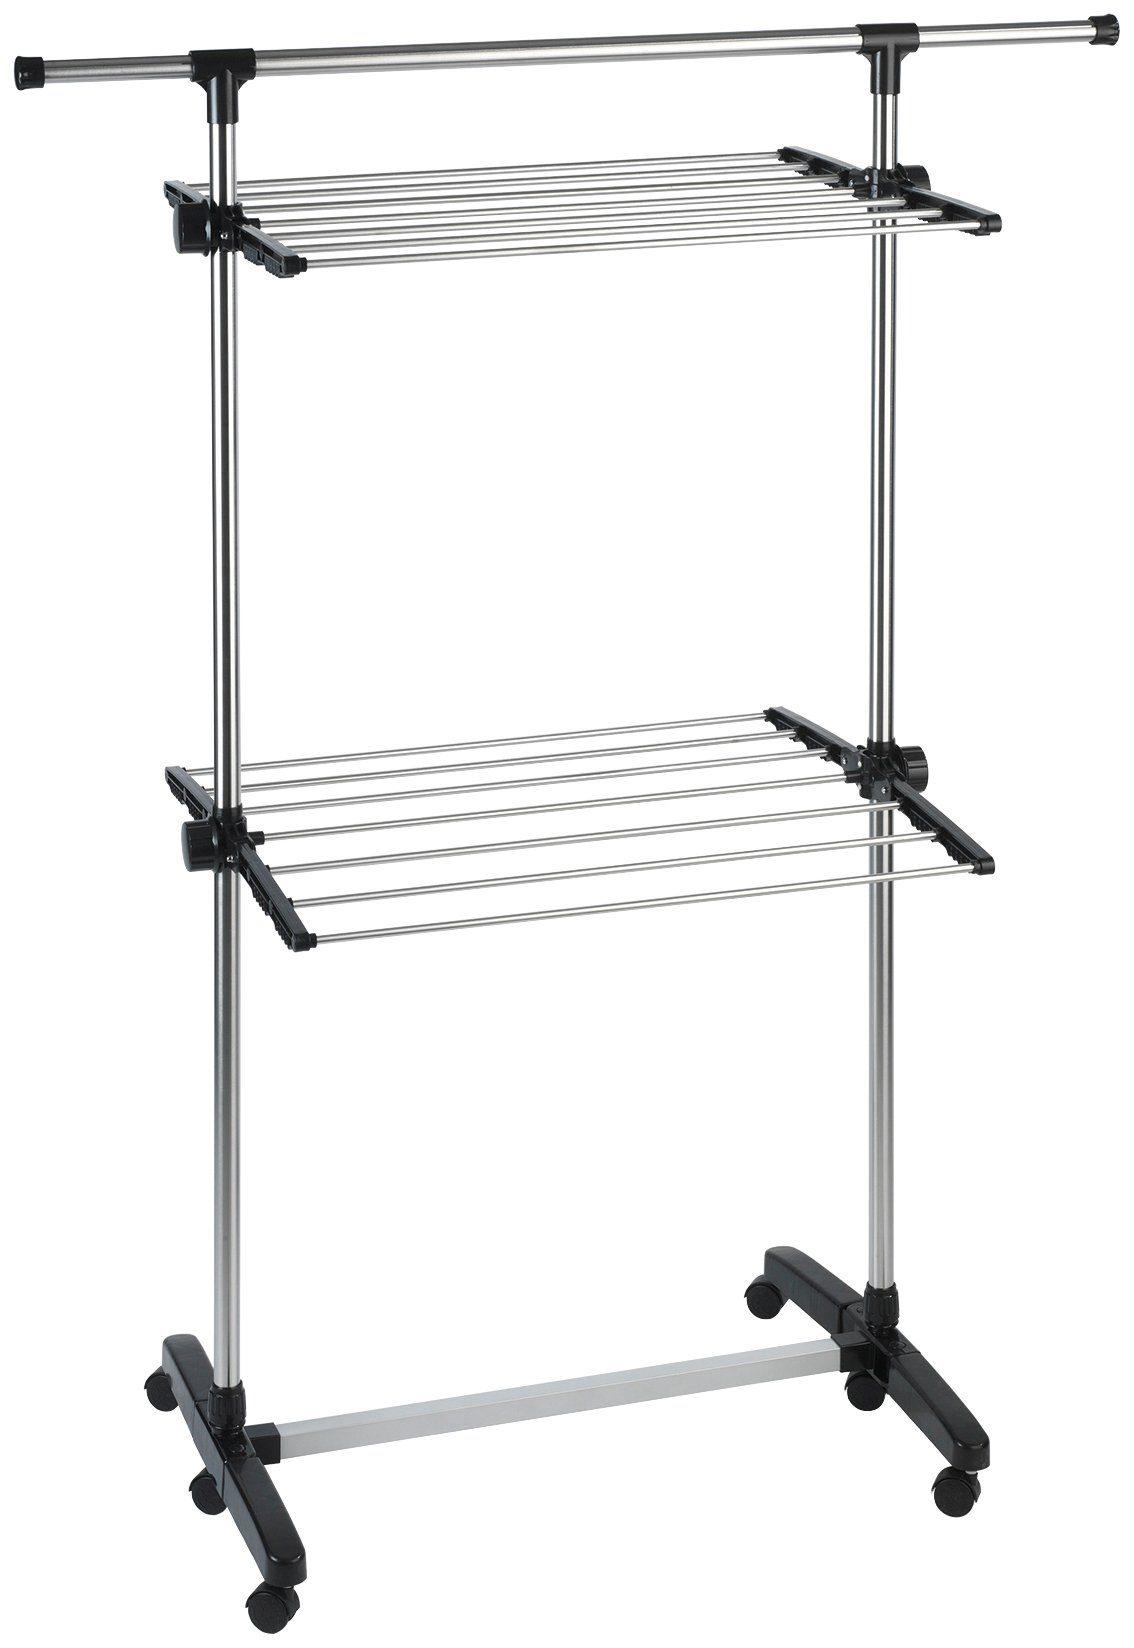 WENKO Wäschetrockner »Edelstahl, rostfrei« Maß 56x120x143 cm